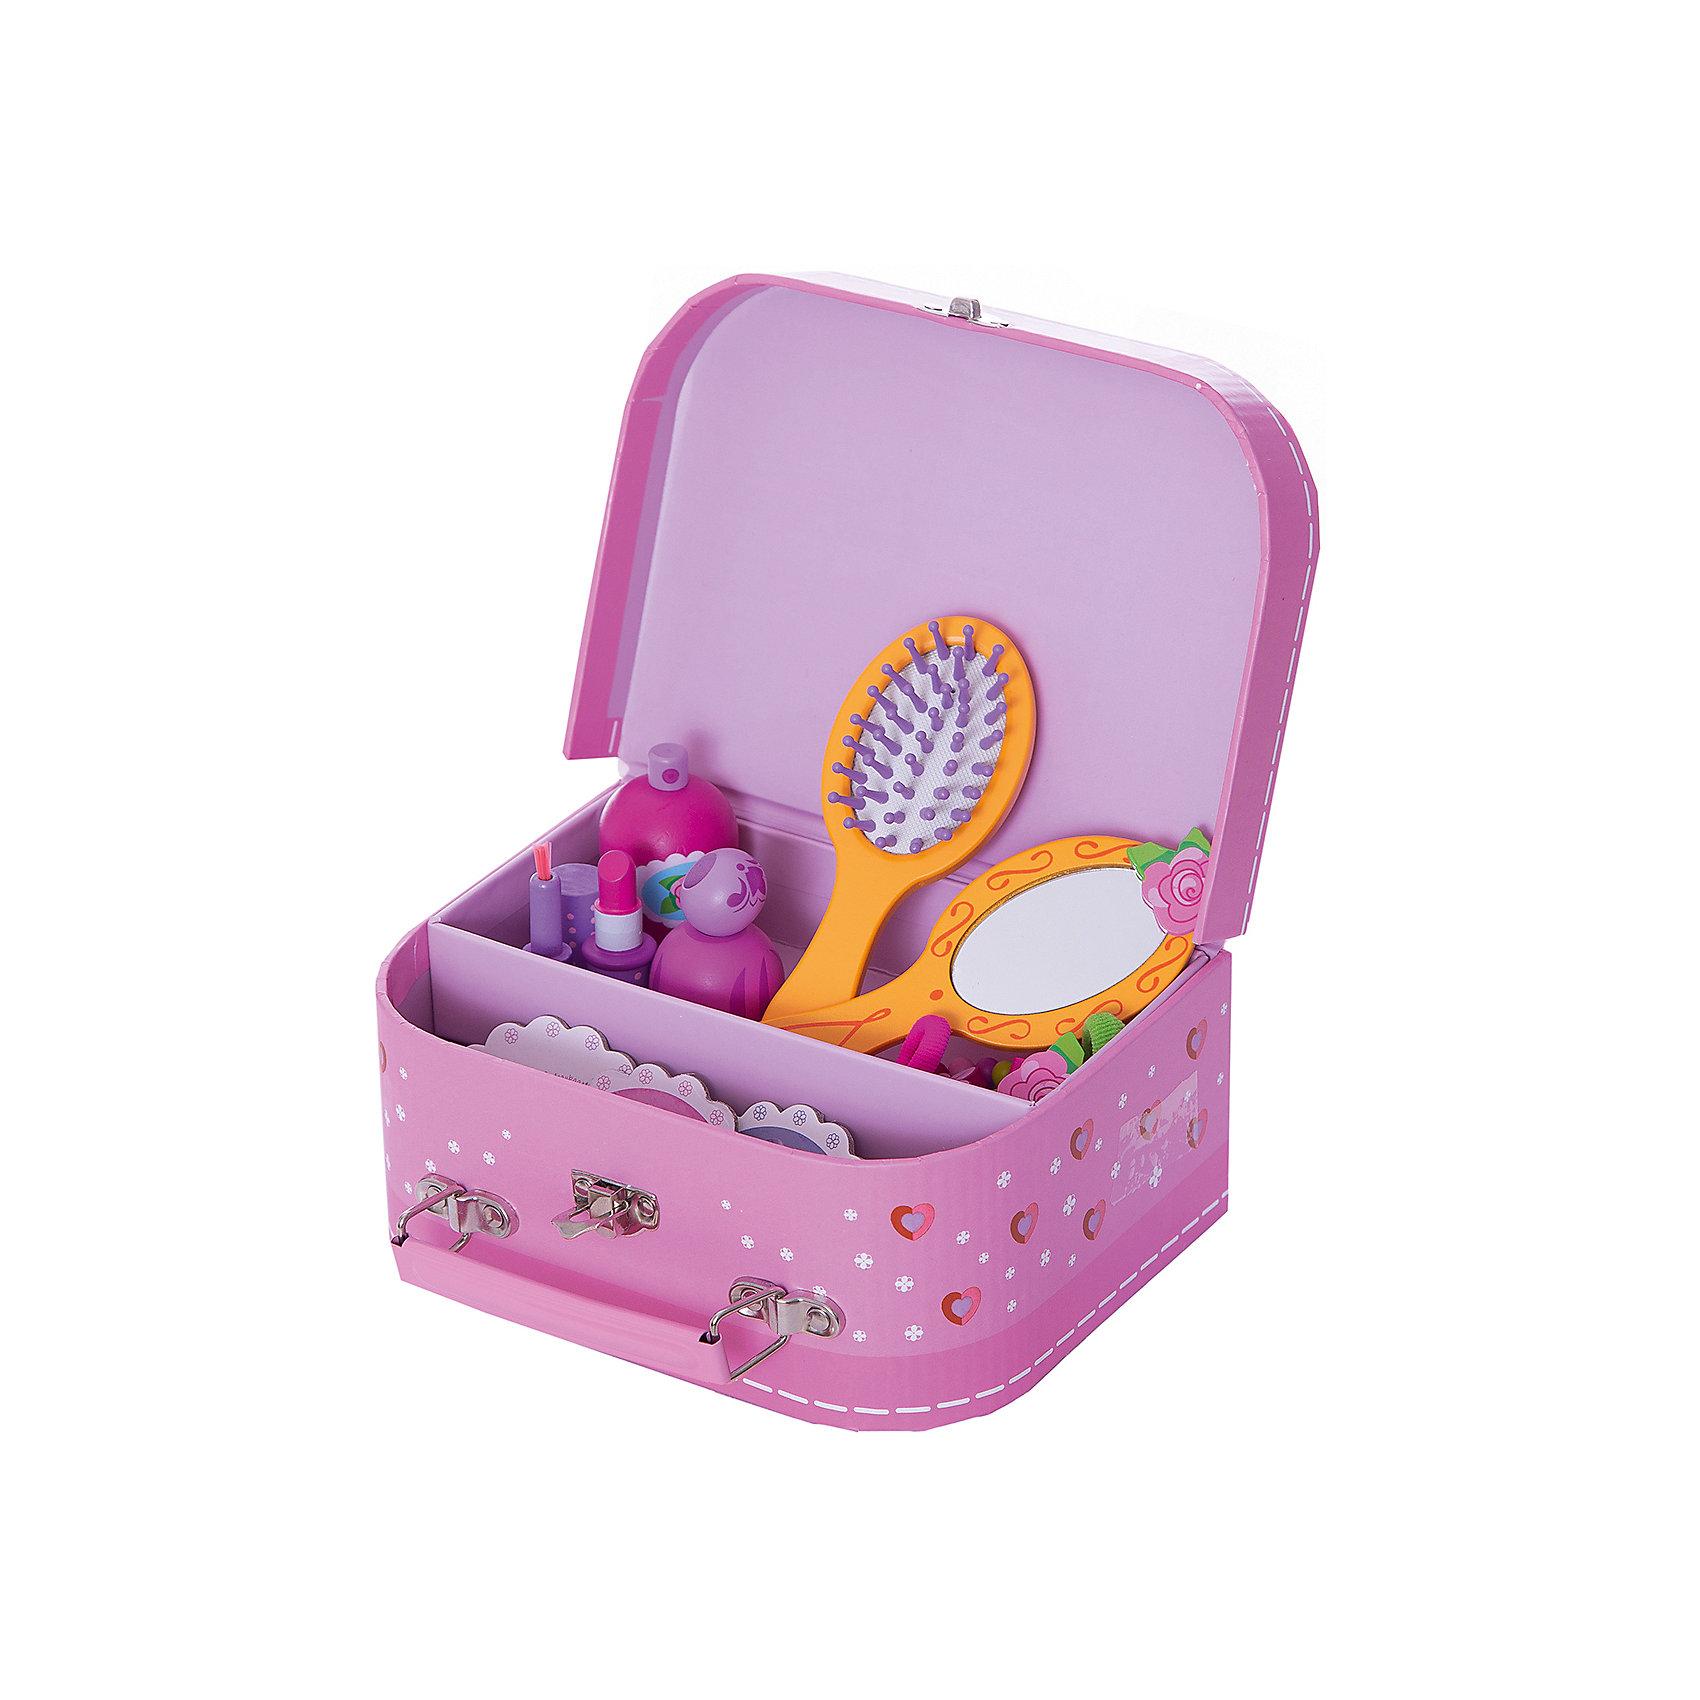 DJECO Сюжетно-ролевая игра КосметикаКрасивый, стильный набор Косметика DJECO (Джеко) станет идеальным подарком для маленькой модницы. В этом изысканном наборе есть все, чтобы выглядеть как принцесса: расческа, зеркальце, игрушечная косметика (помада, духи), аксессуары (заколки, браслеты, резиночки для волос). Все аксессуары складываются в удобный розовый двухъярусный чемоданчик.<br><br>Дополнительная информация:<br><br>- Материал: дерево, пластик, текстиль.<br>- Размер упаковки: 22 х 16 х 40 см.<br>- Вес: 0,465 кг.<br><br>Сюжетно-ролевую игру Косметика DJECO (Джеко) можно купить в нашем магазине.<br><br>Ширина мм: 220<br>Глубина мм: 160<br>Высота мм: 40<br>Вес г: 450<br>Возраст от месяцев: 48<br>Возраст до месяцев: 84<br>Пол: Женский<br>Возраст: Детский<br>SKU: 3193408